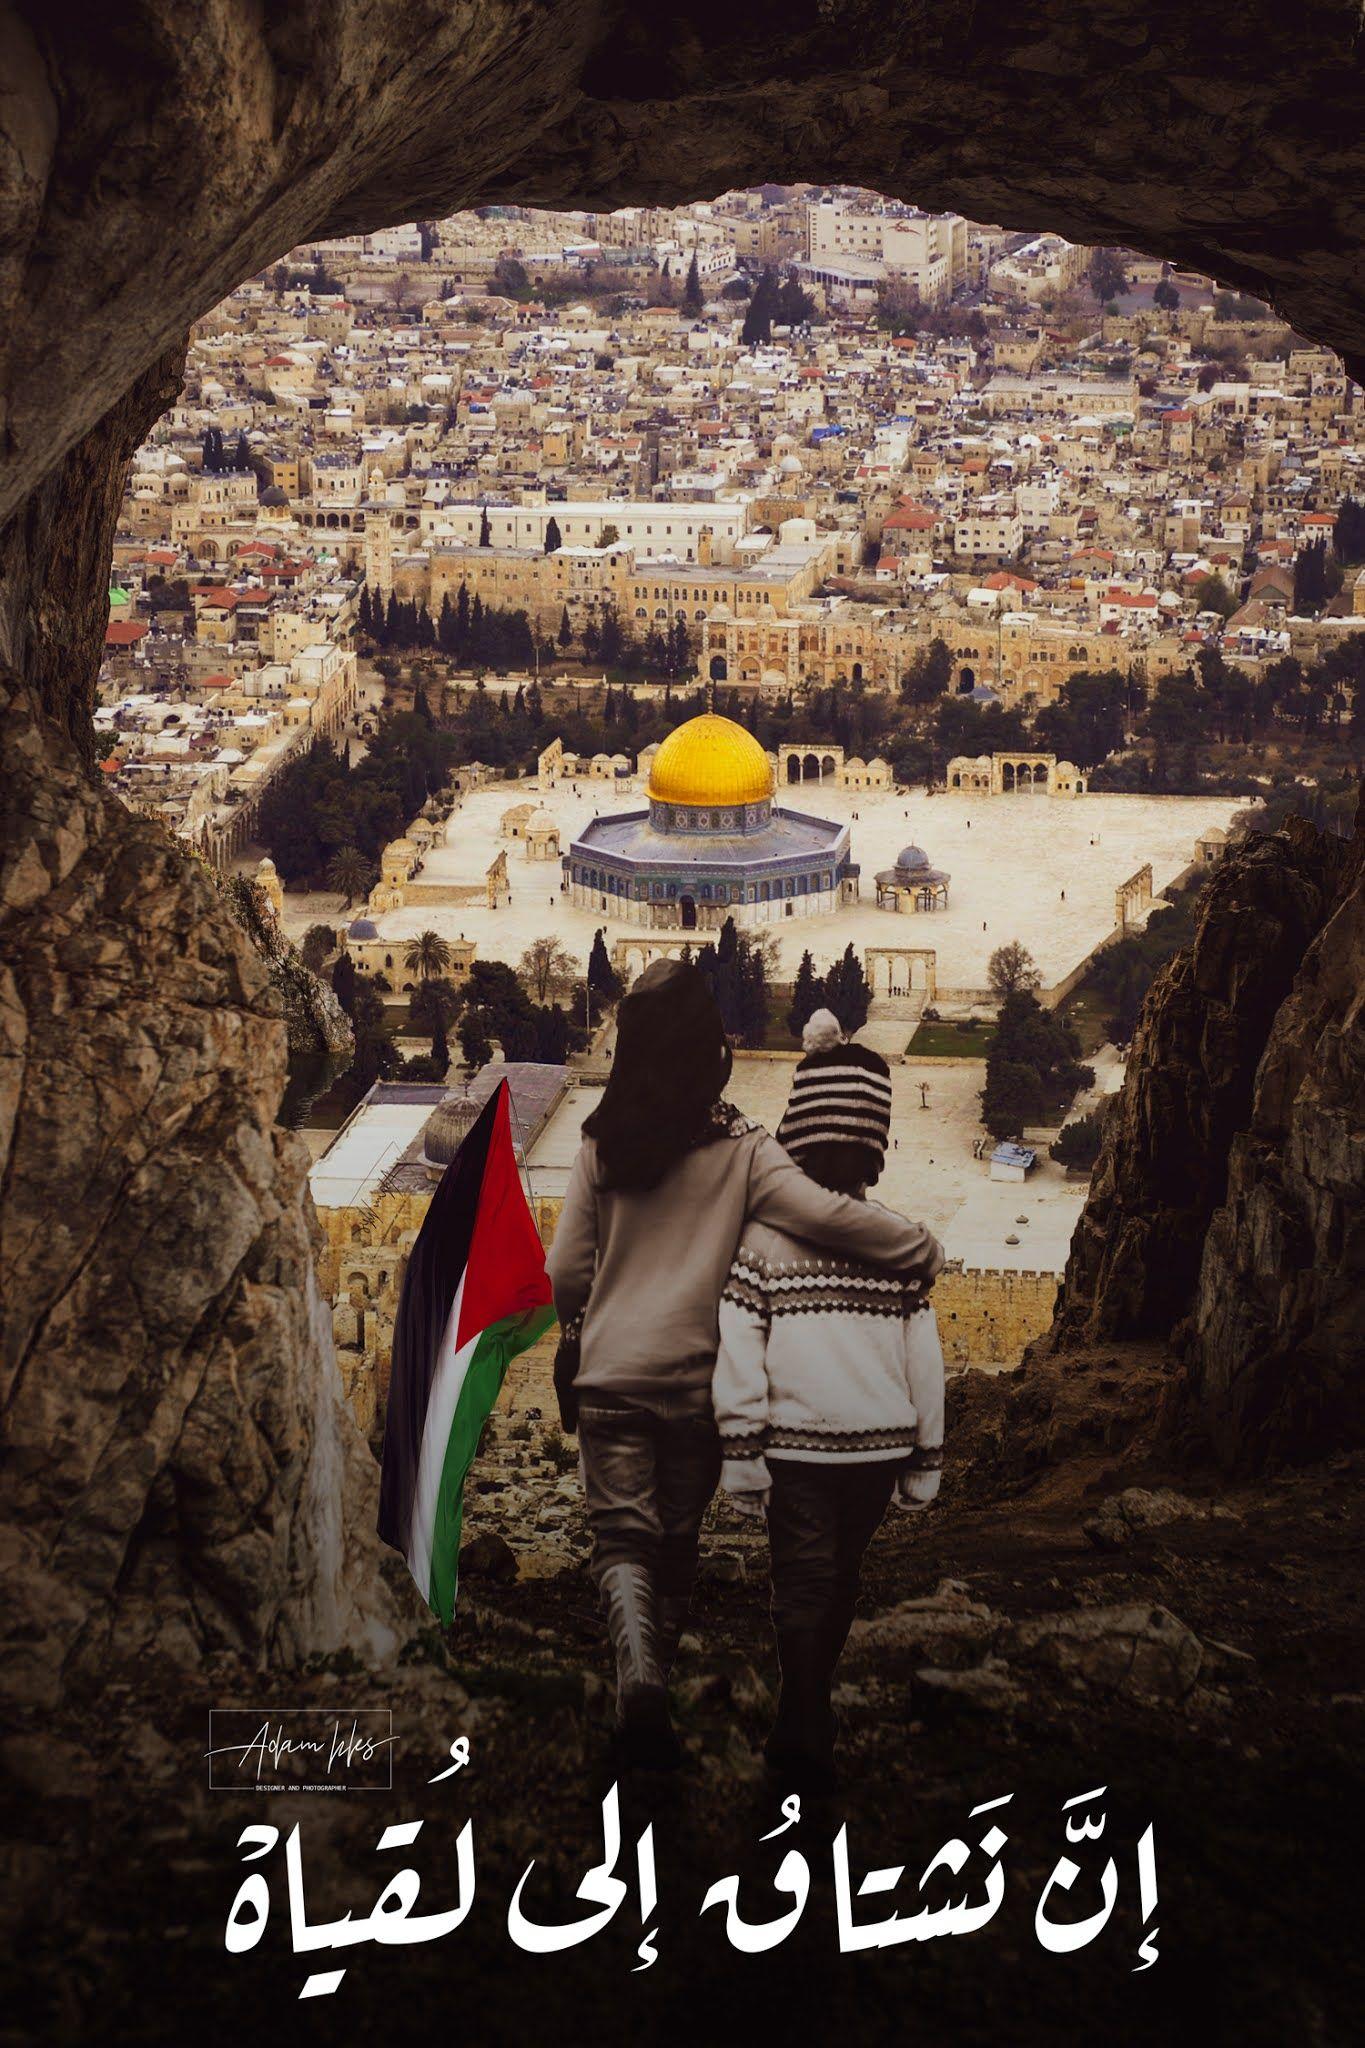 خلفية رائعة القدس اجمل خلفيات المسجد الاقصى للهاتف بدقة 4K in 2021   Fairy  wallpaper, Jerusalem, Palestine